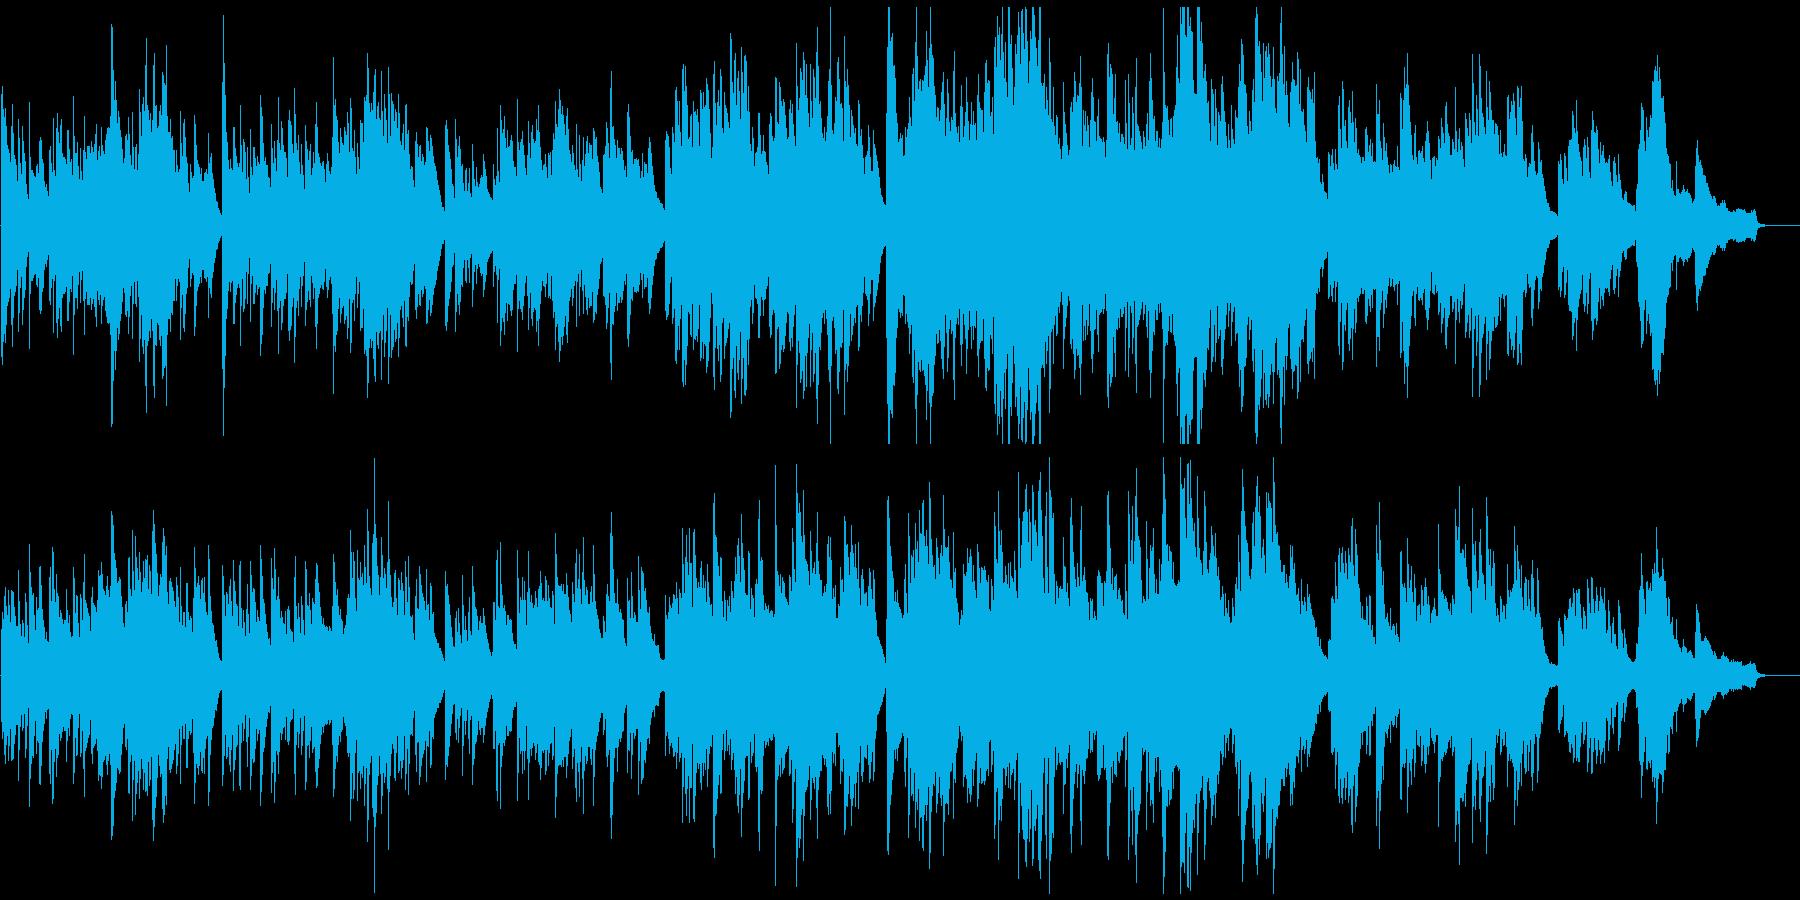 悲しい雰囲気のピアノソロの再生済みの波形